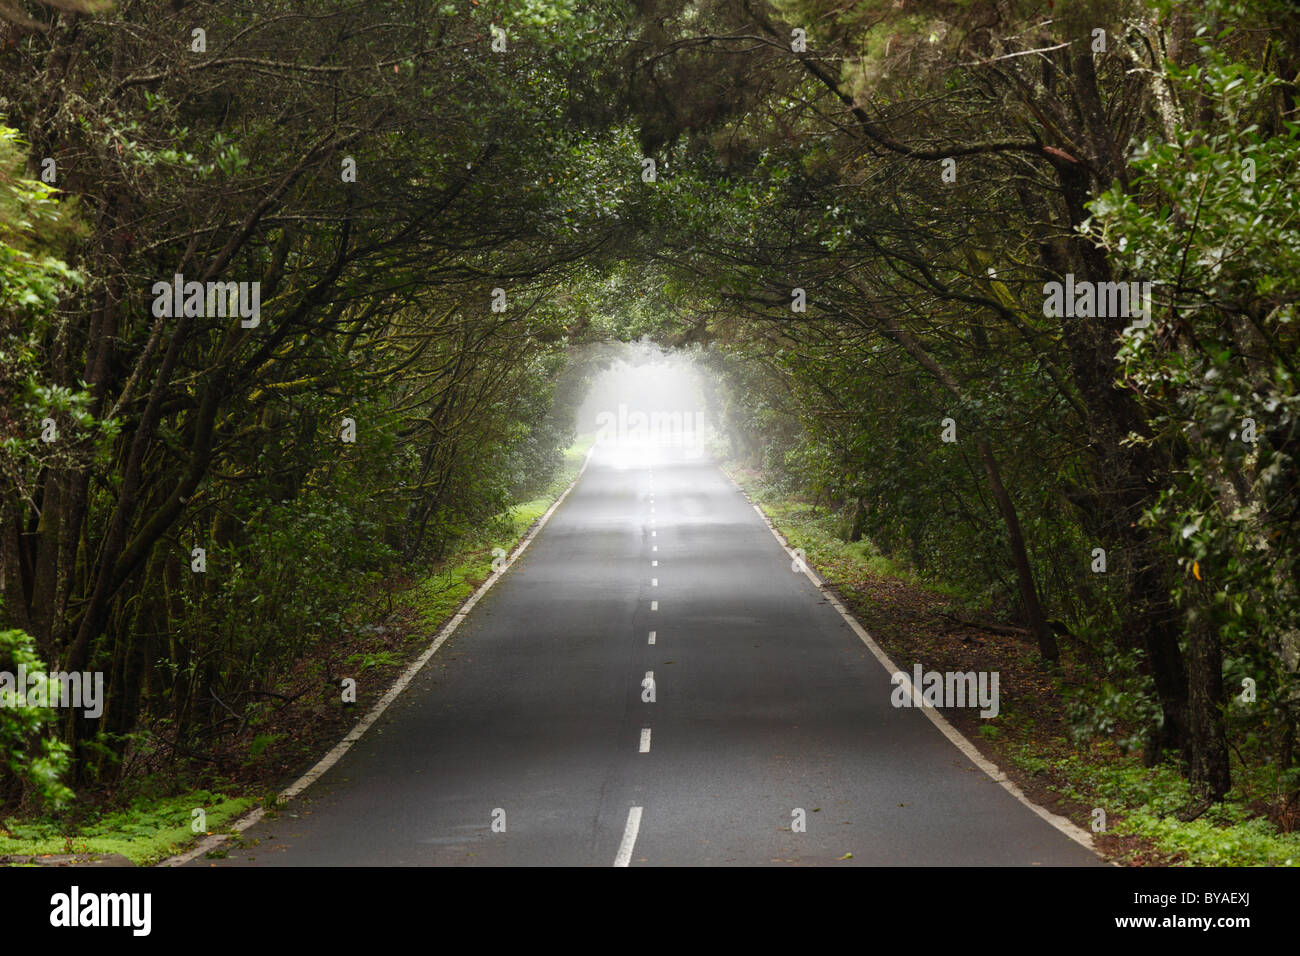 Route à travers une forêt d'arbres laurel, Parc National de Garajonay, île de La Gomera, Canary Islands, Spain, Europe Banque D'Images